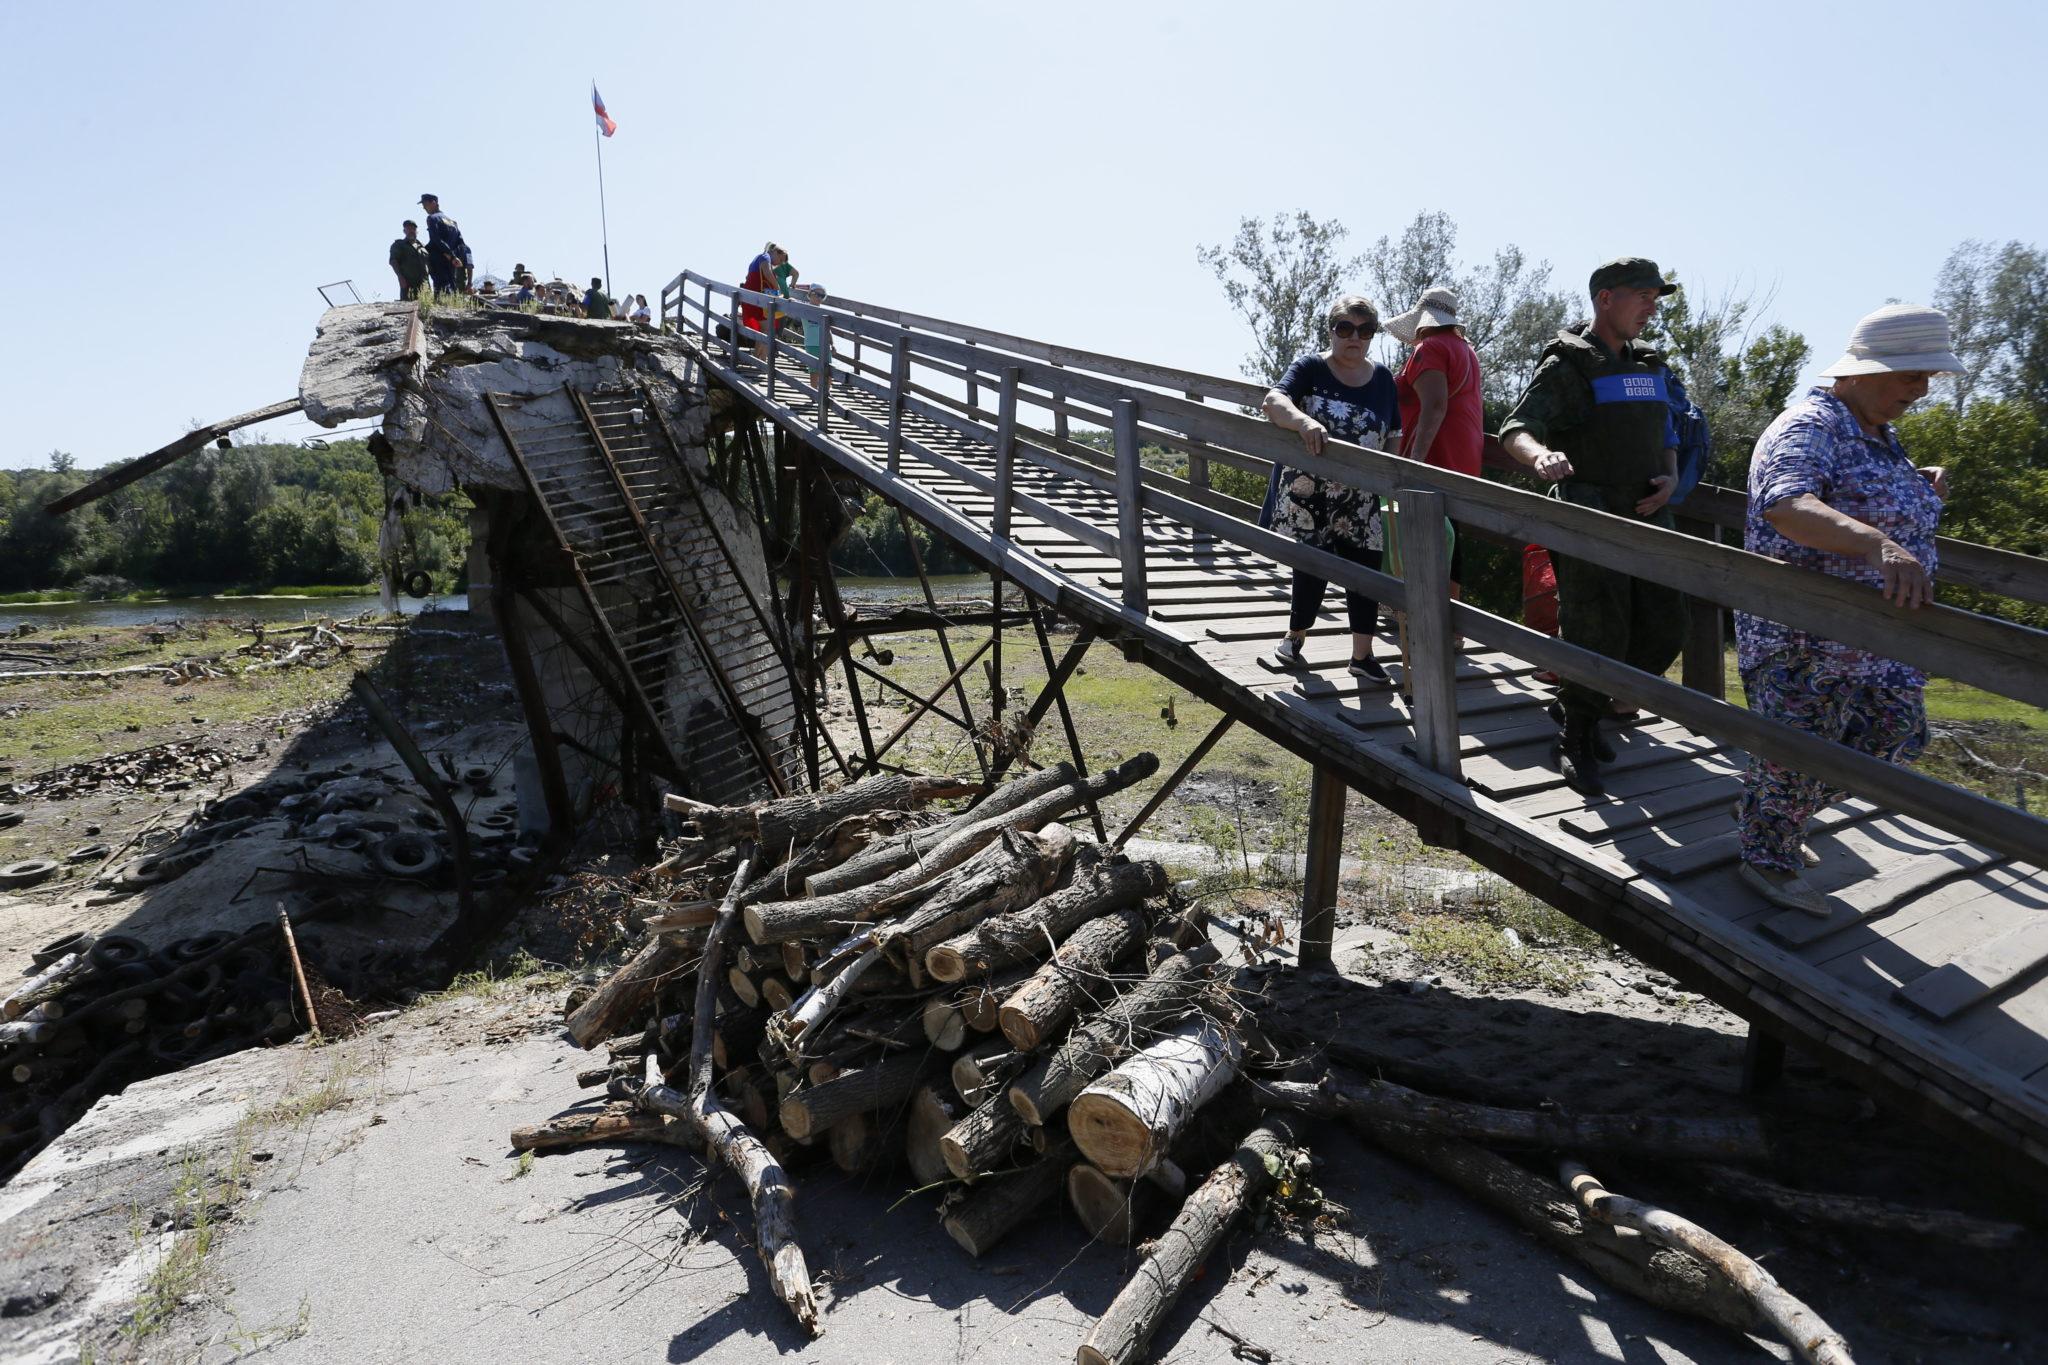 Ukraina: uszkodzony most, żołnierze Ługańskiej Republiki Ludowej demontują fortyfikacje i przygotowują zniszczony most do naprawy, fot. Davr Mustaine, PAP/EPA